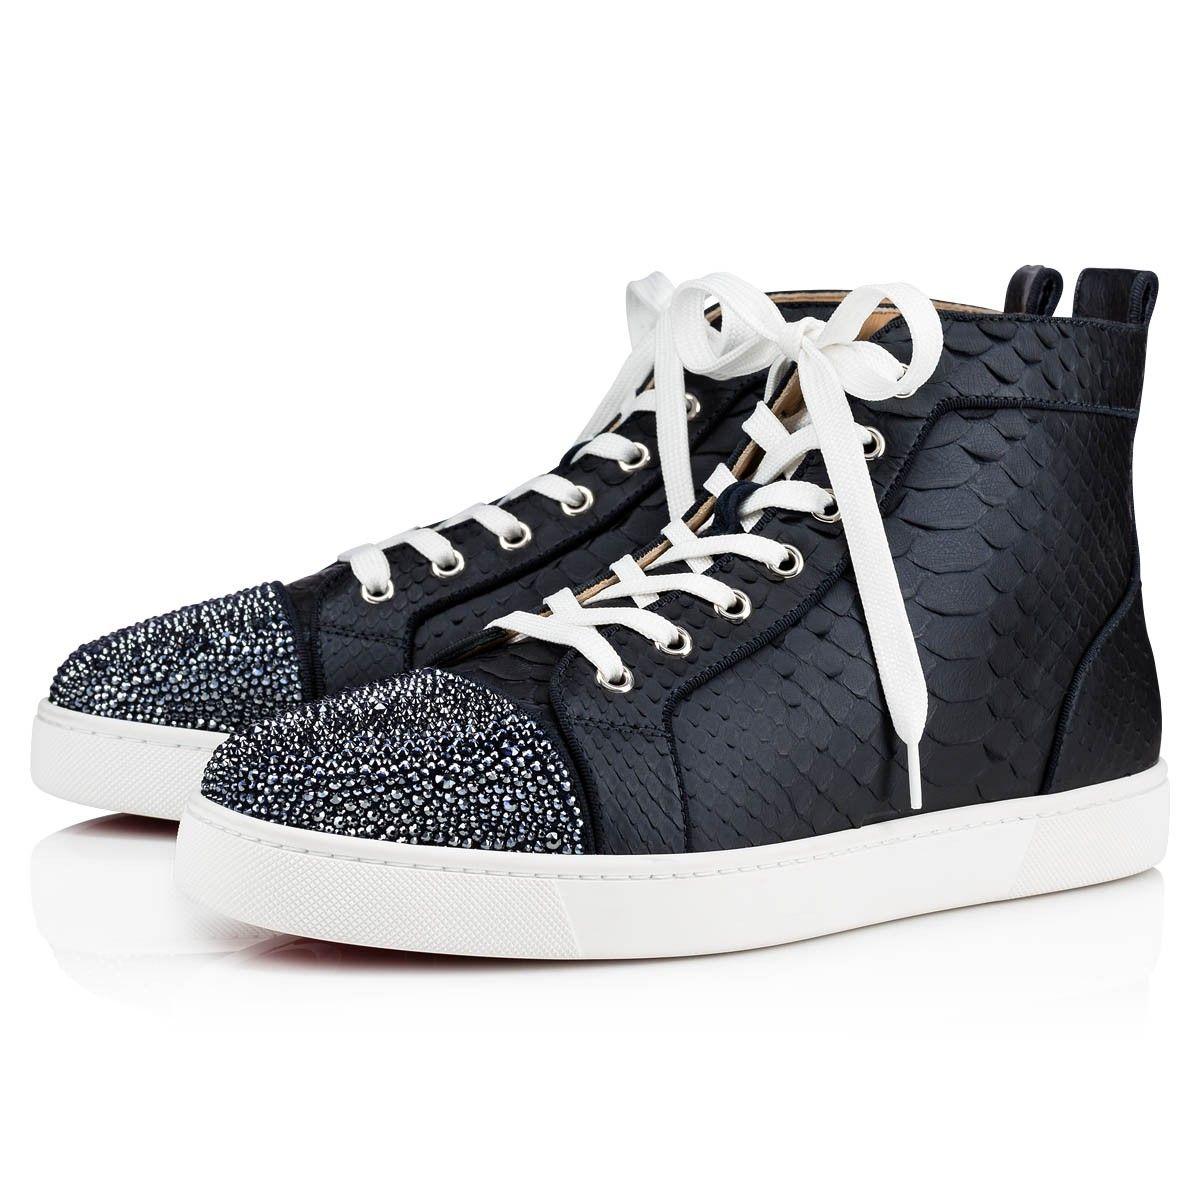 Mens fashion shoes, Mens skate shoes